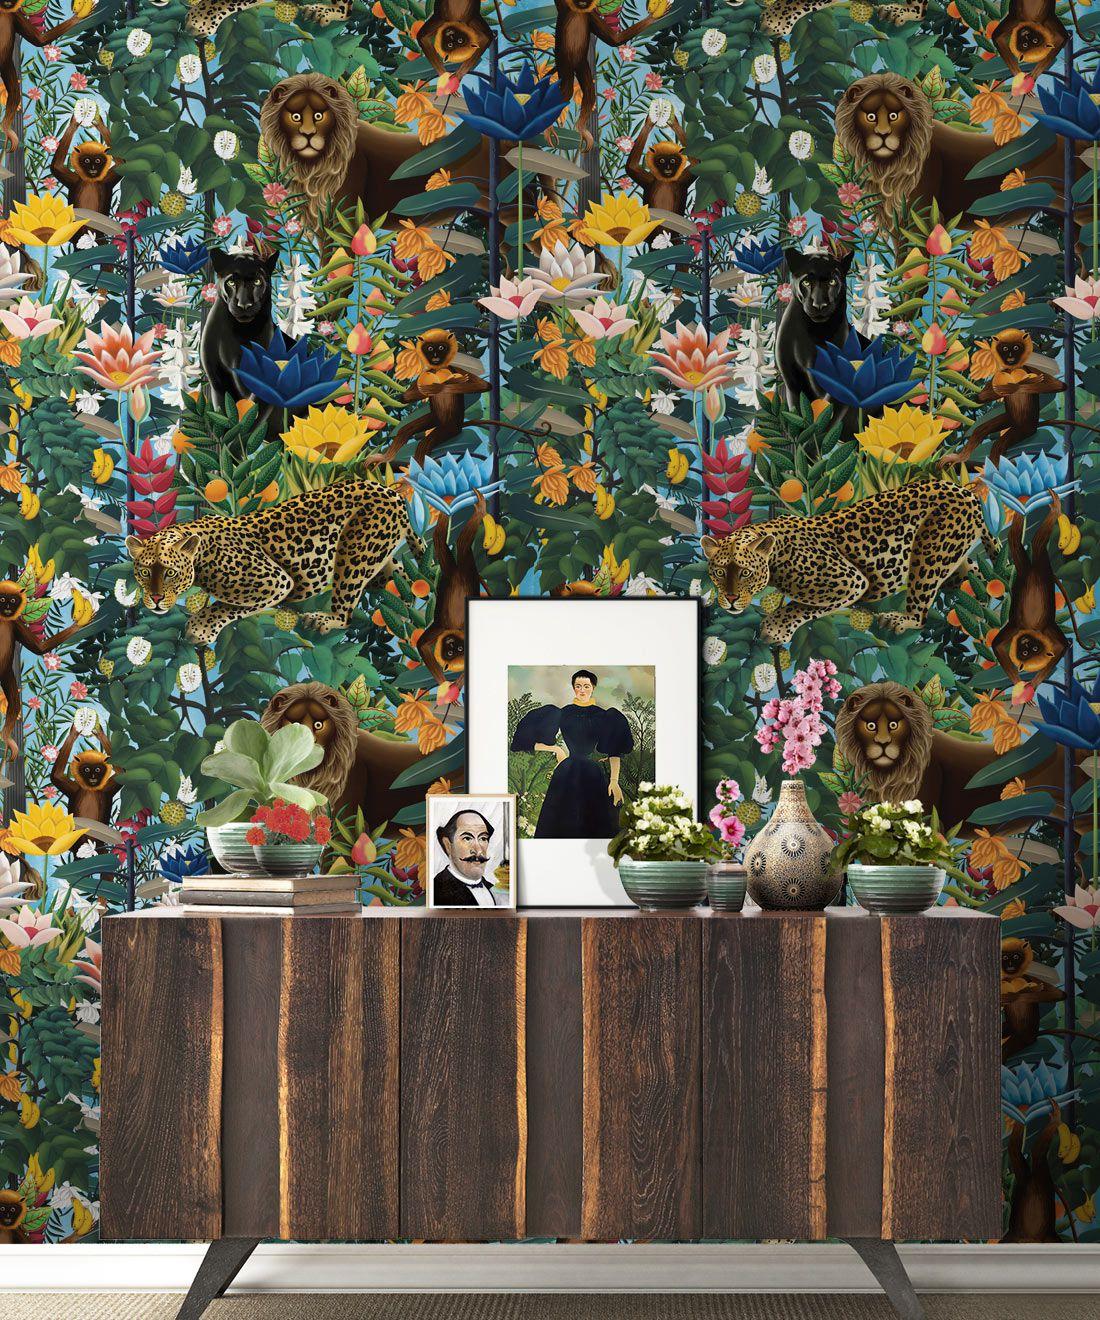 The Jungle Wallpaper • Animal Wallpaper • Botanical Wallpaper • Sky Wallpaper • Insitu